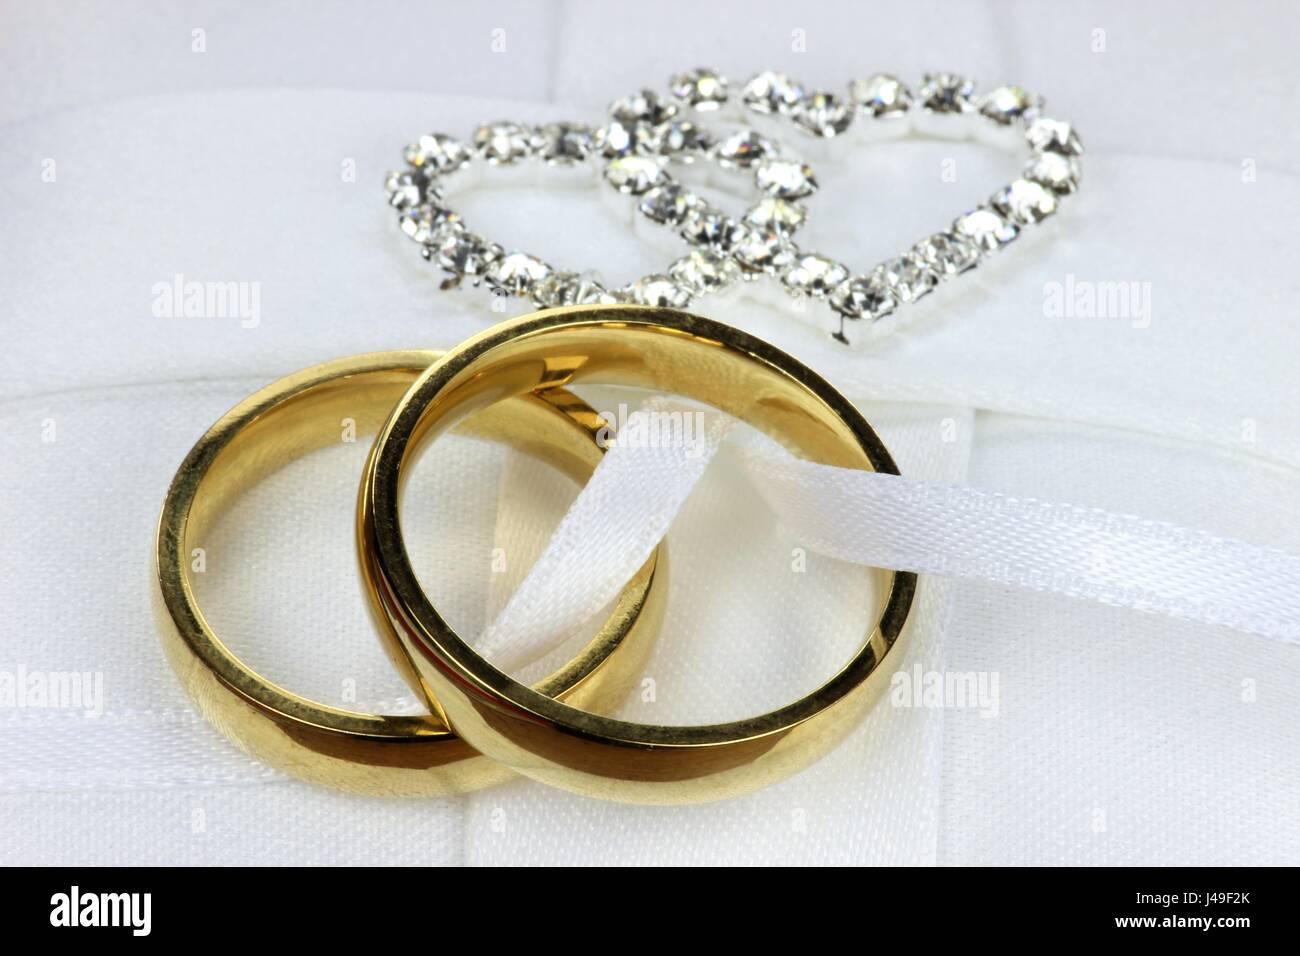 Golden Wedding Rings On White Ringbearer Pillow Stock Photo